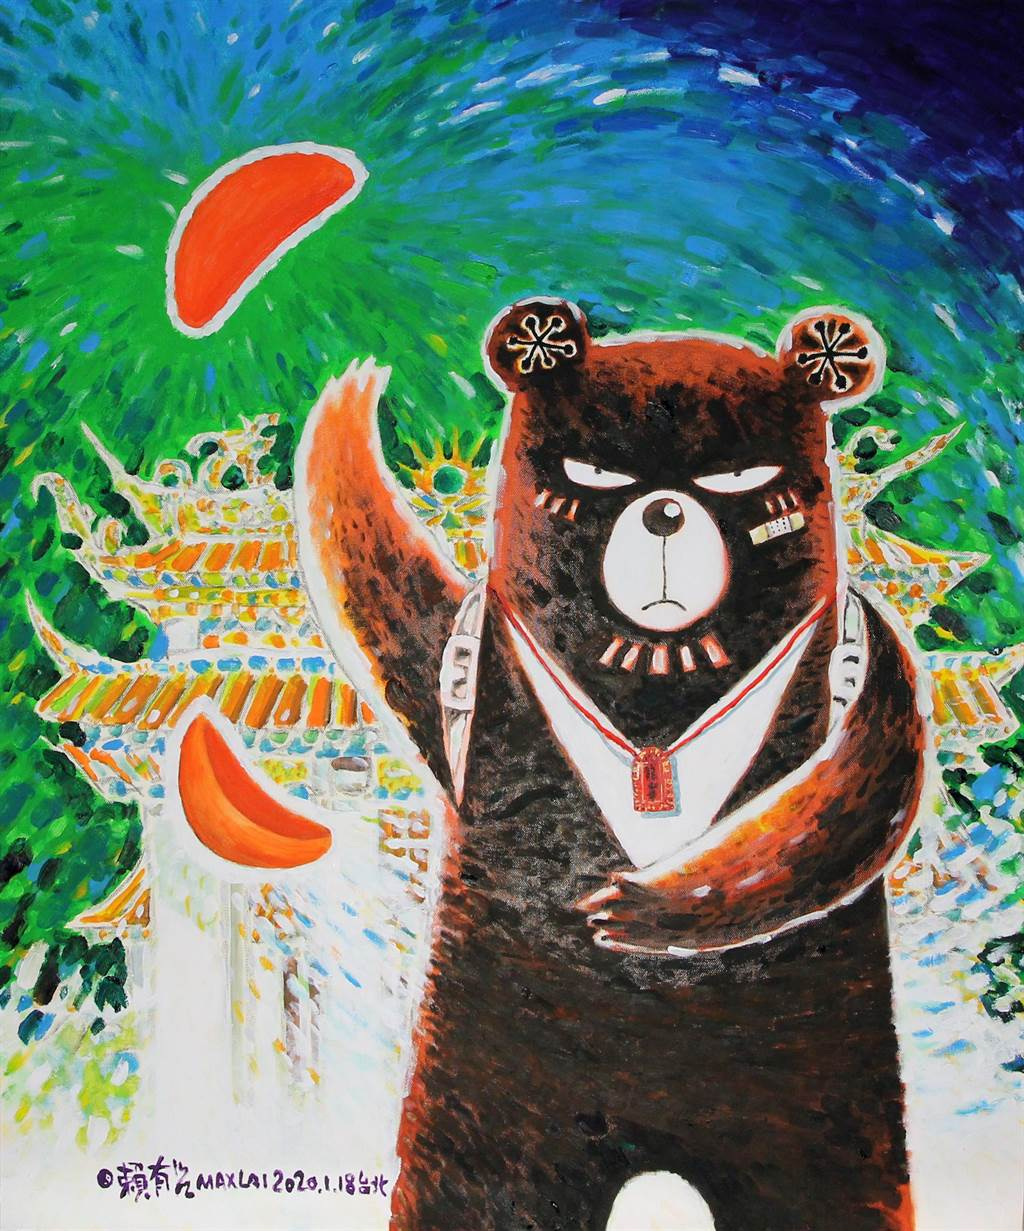 賴有賢特別創作〈龍山寺的聖杯〉作品。(圖由世界宗教博物館提供)